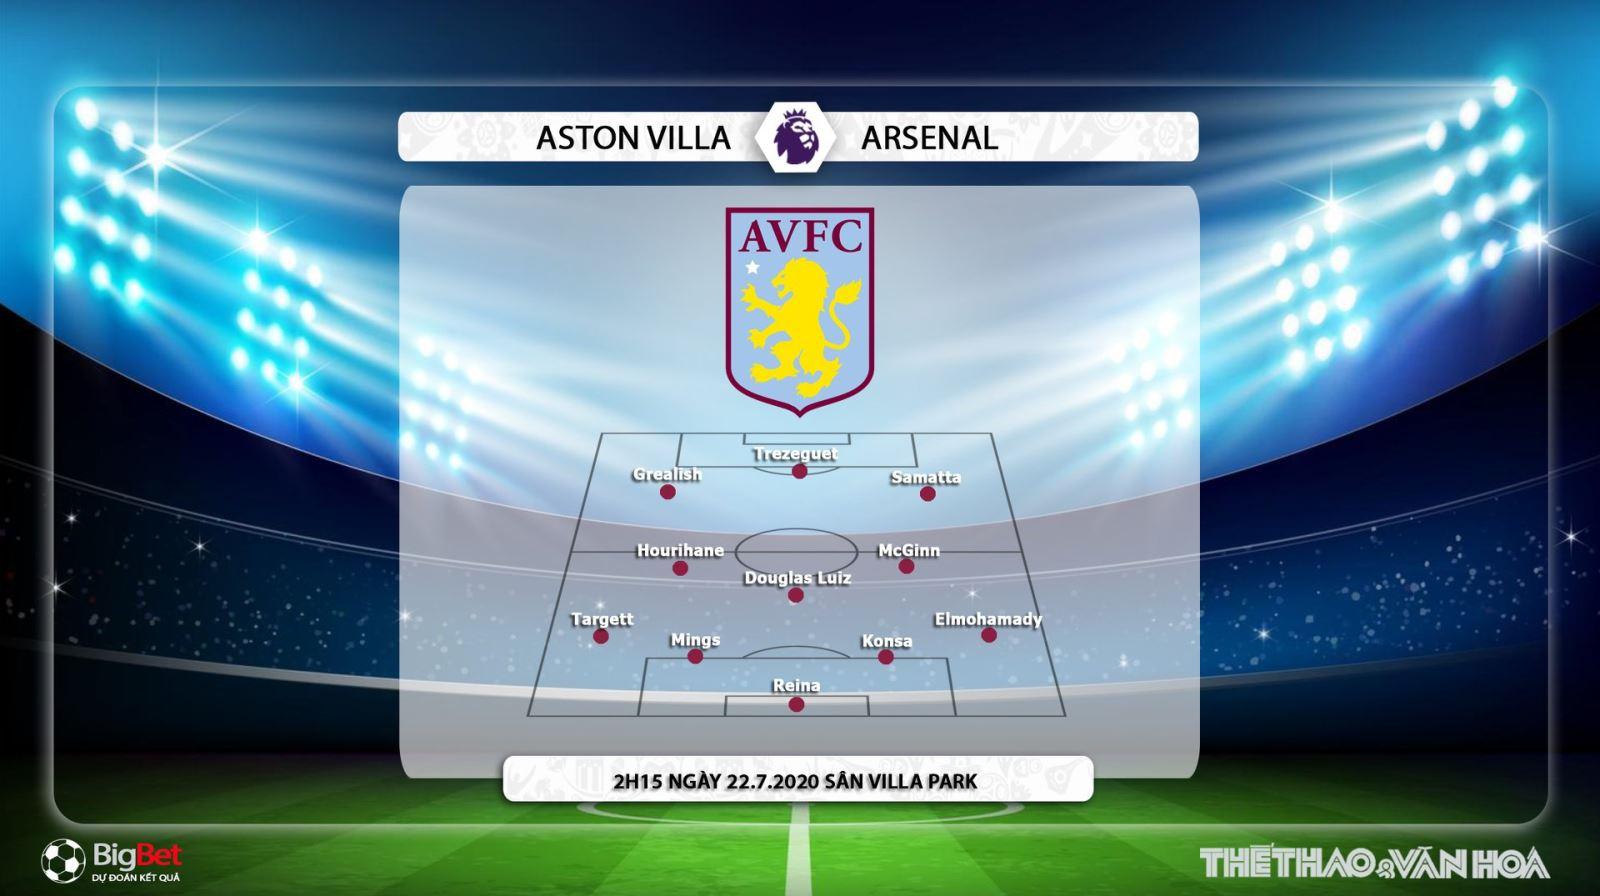 Keo nha cai, kèo nhà cái, Aston Villa vs Arsenal, Vòng 37 Ngoại hạng Anh, Trực tiếp K+PM, K+, trực tiếp bóng đá Anh, trực tiếp Arsenal đấu với Aston Villa, kèo Arsenal